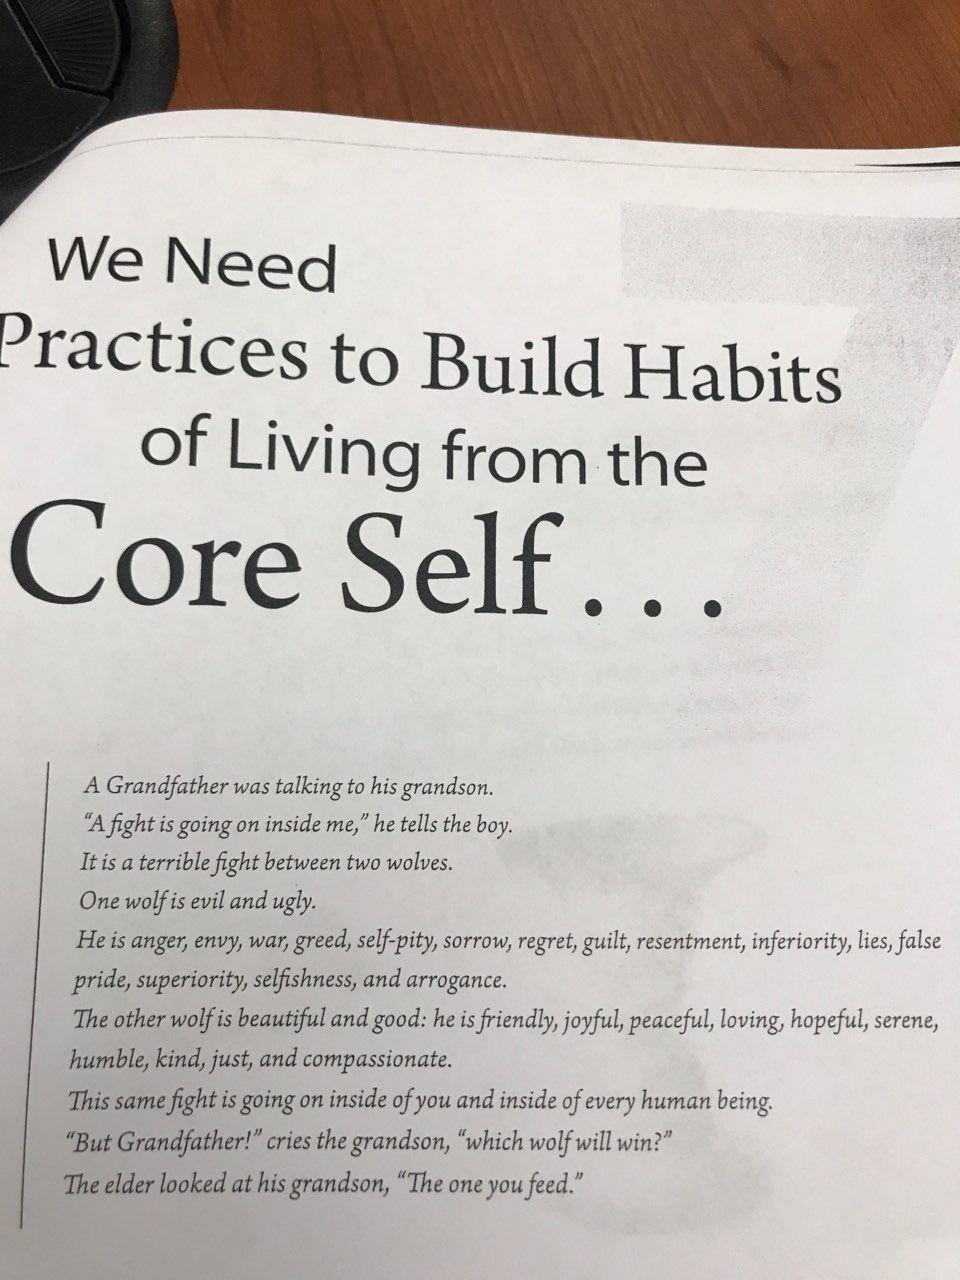 Restortive Discipline Practices